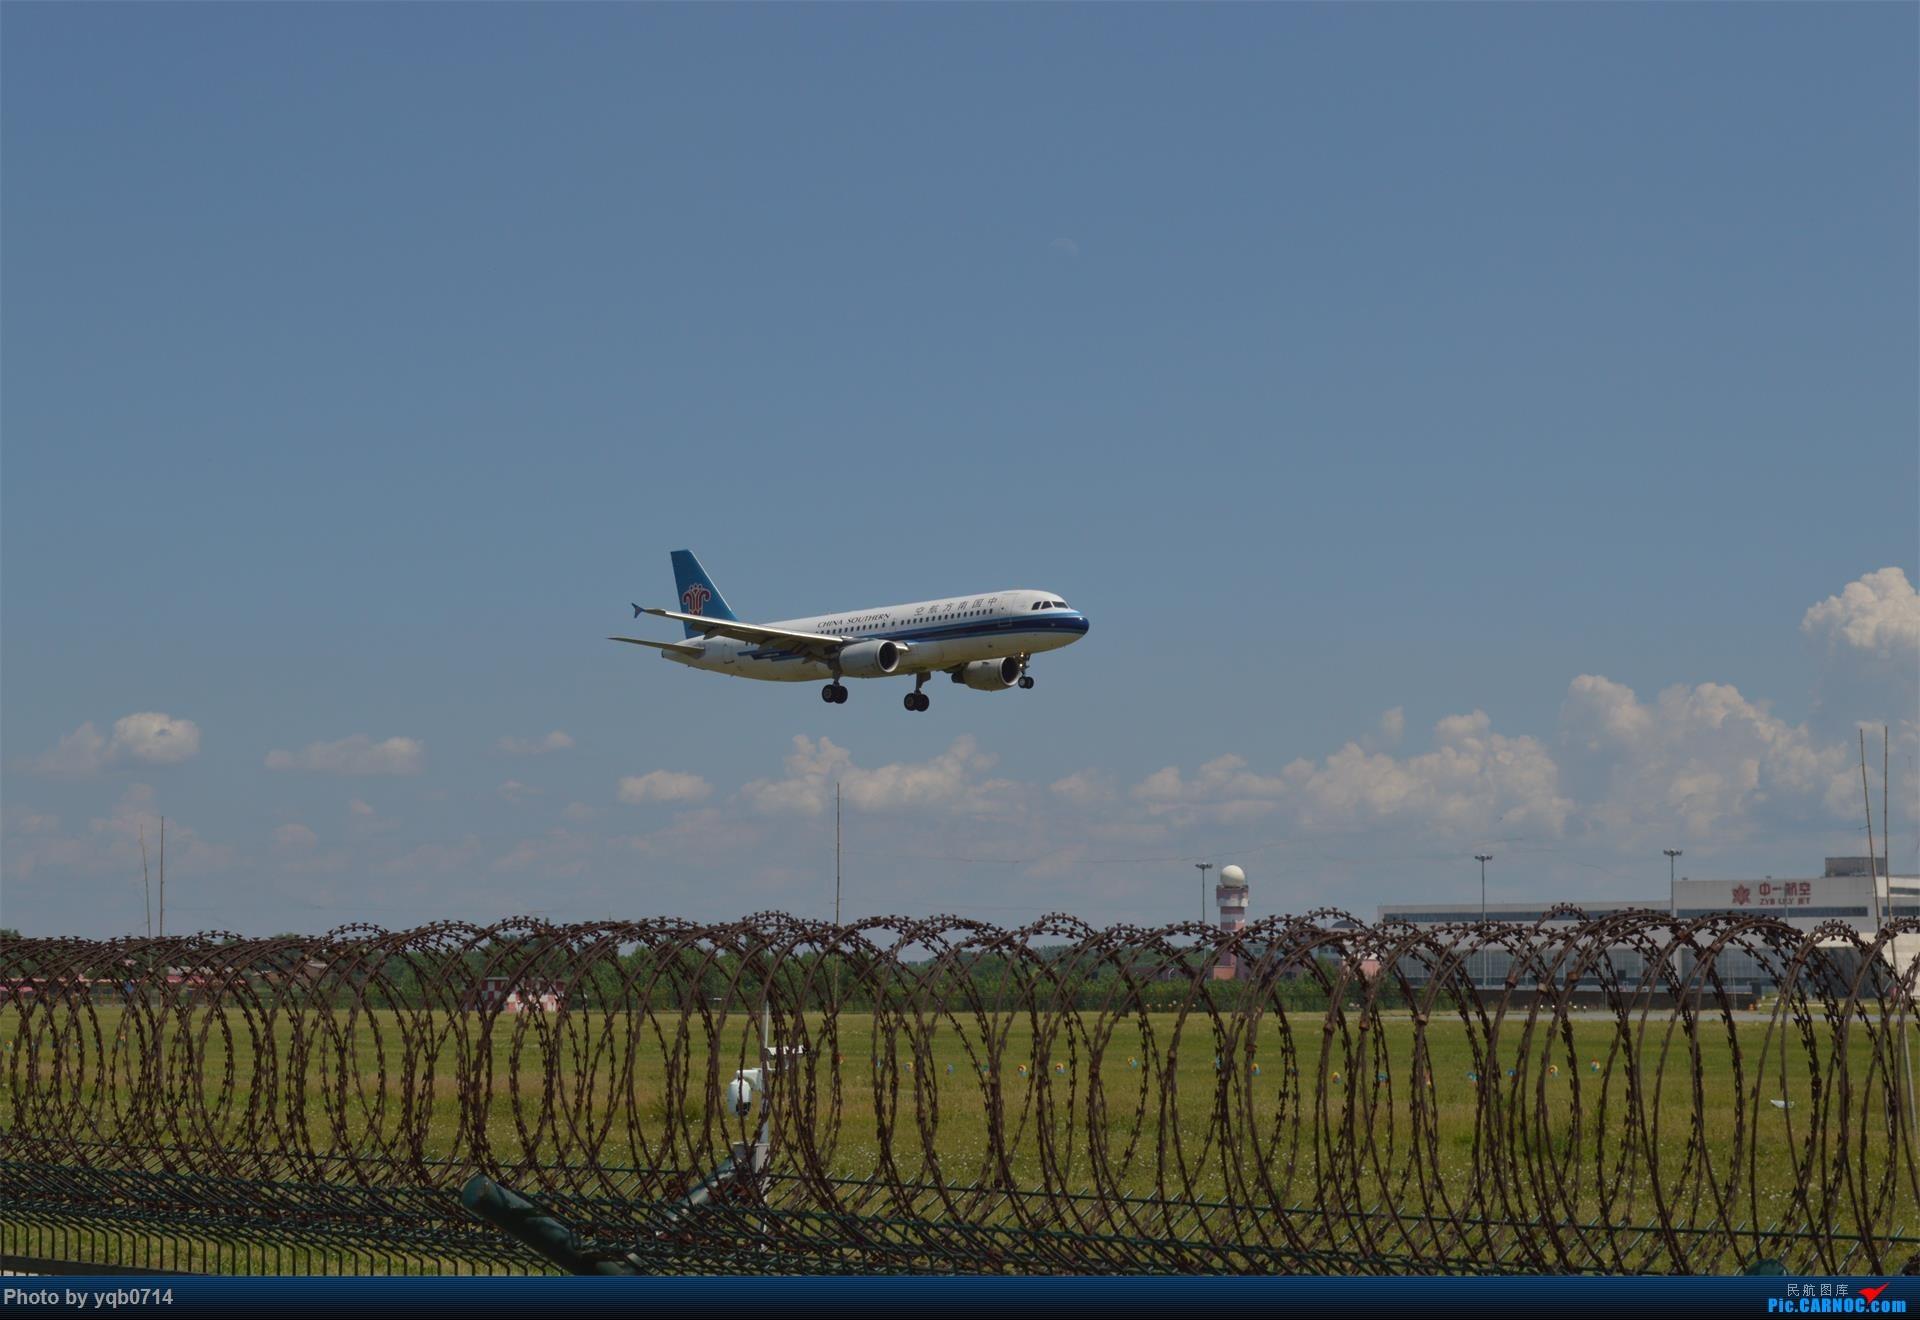 Re:[原创]出来炸道,喜欢星空联盟的小反!!!! AIRBUS A320-200 B-6263 中国沈阳桃仙国际机场